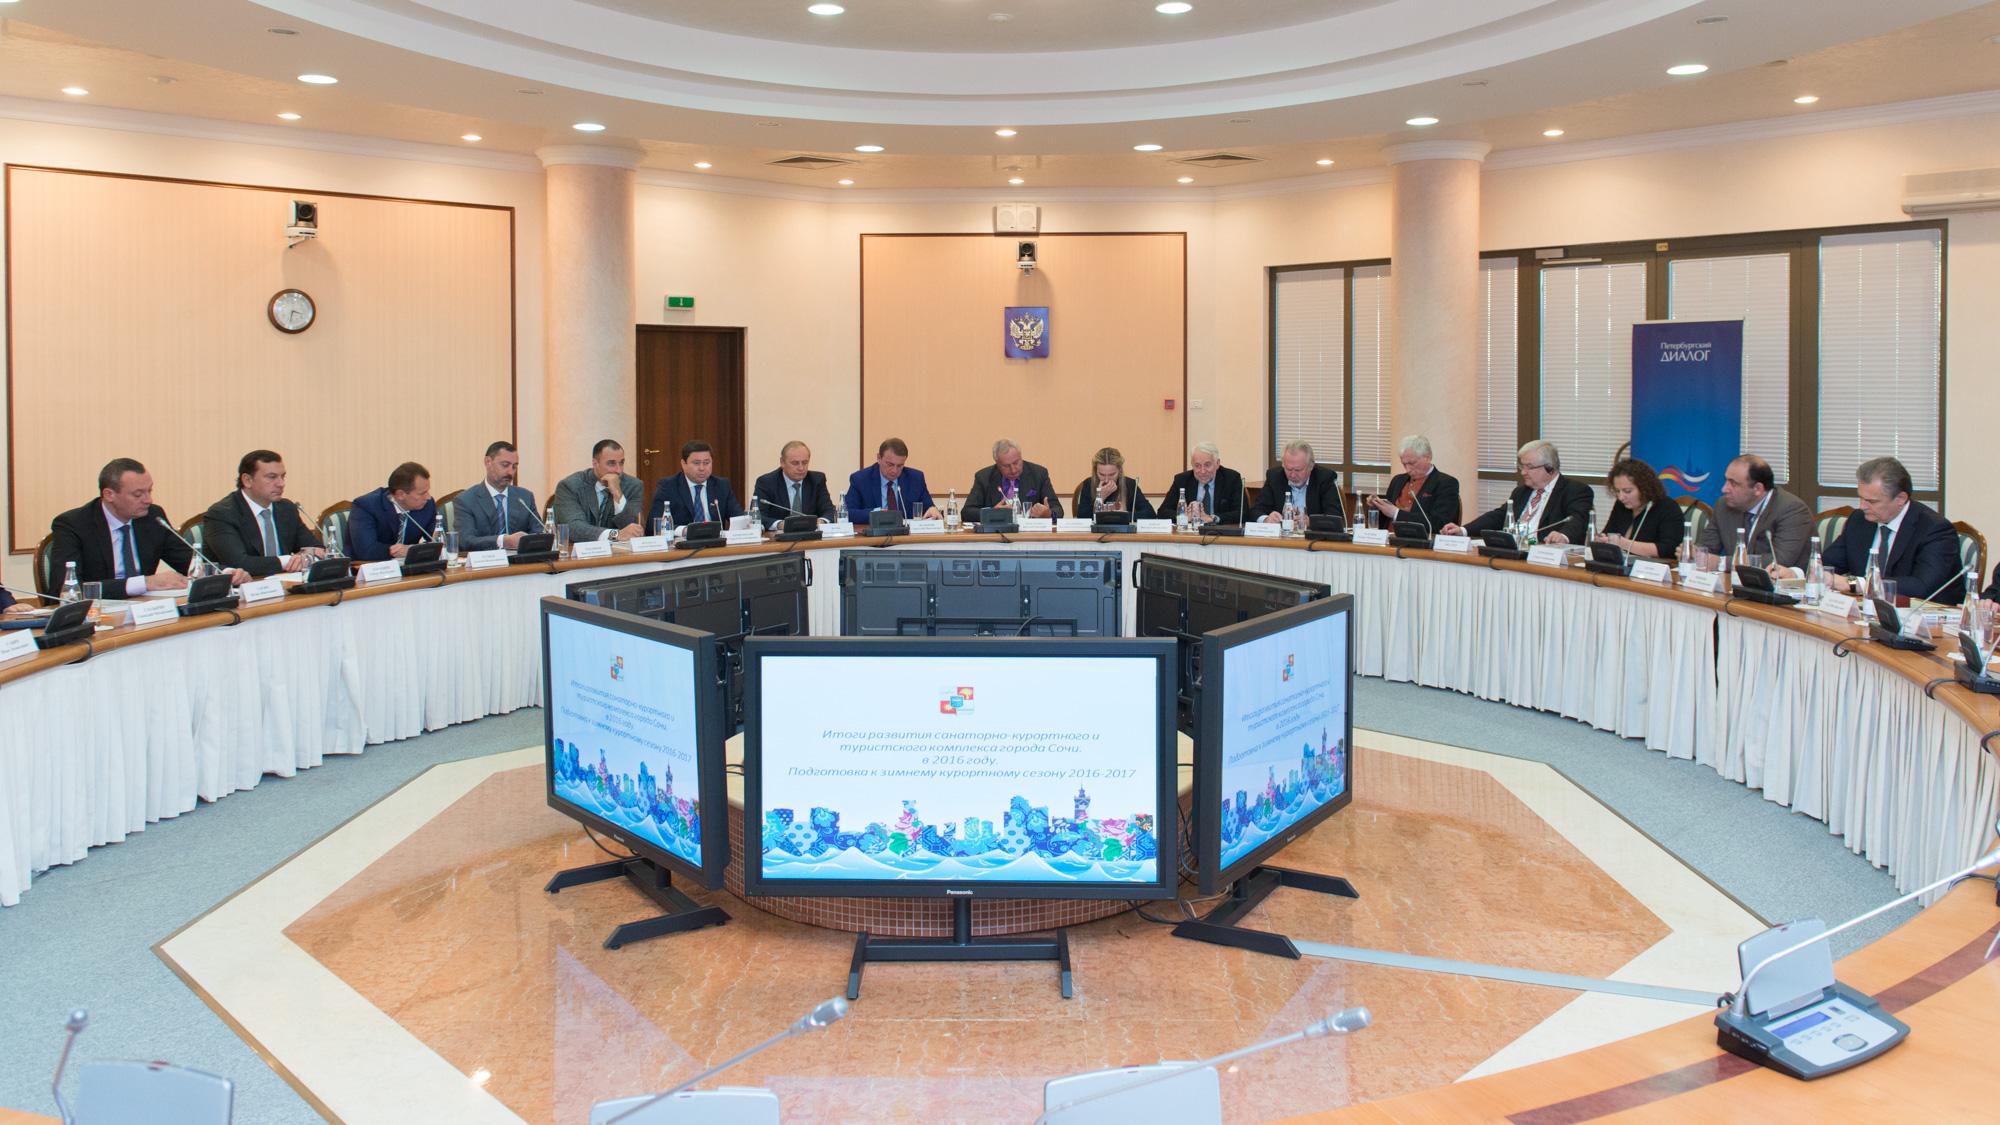 Общественного Совета по Олимпийскому наследию Сочи при Президенте Российской Федерации